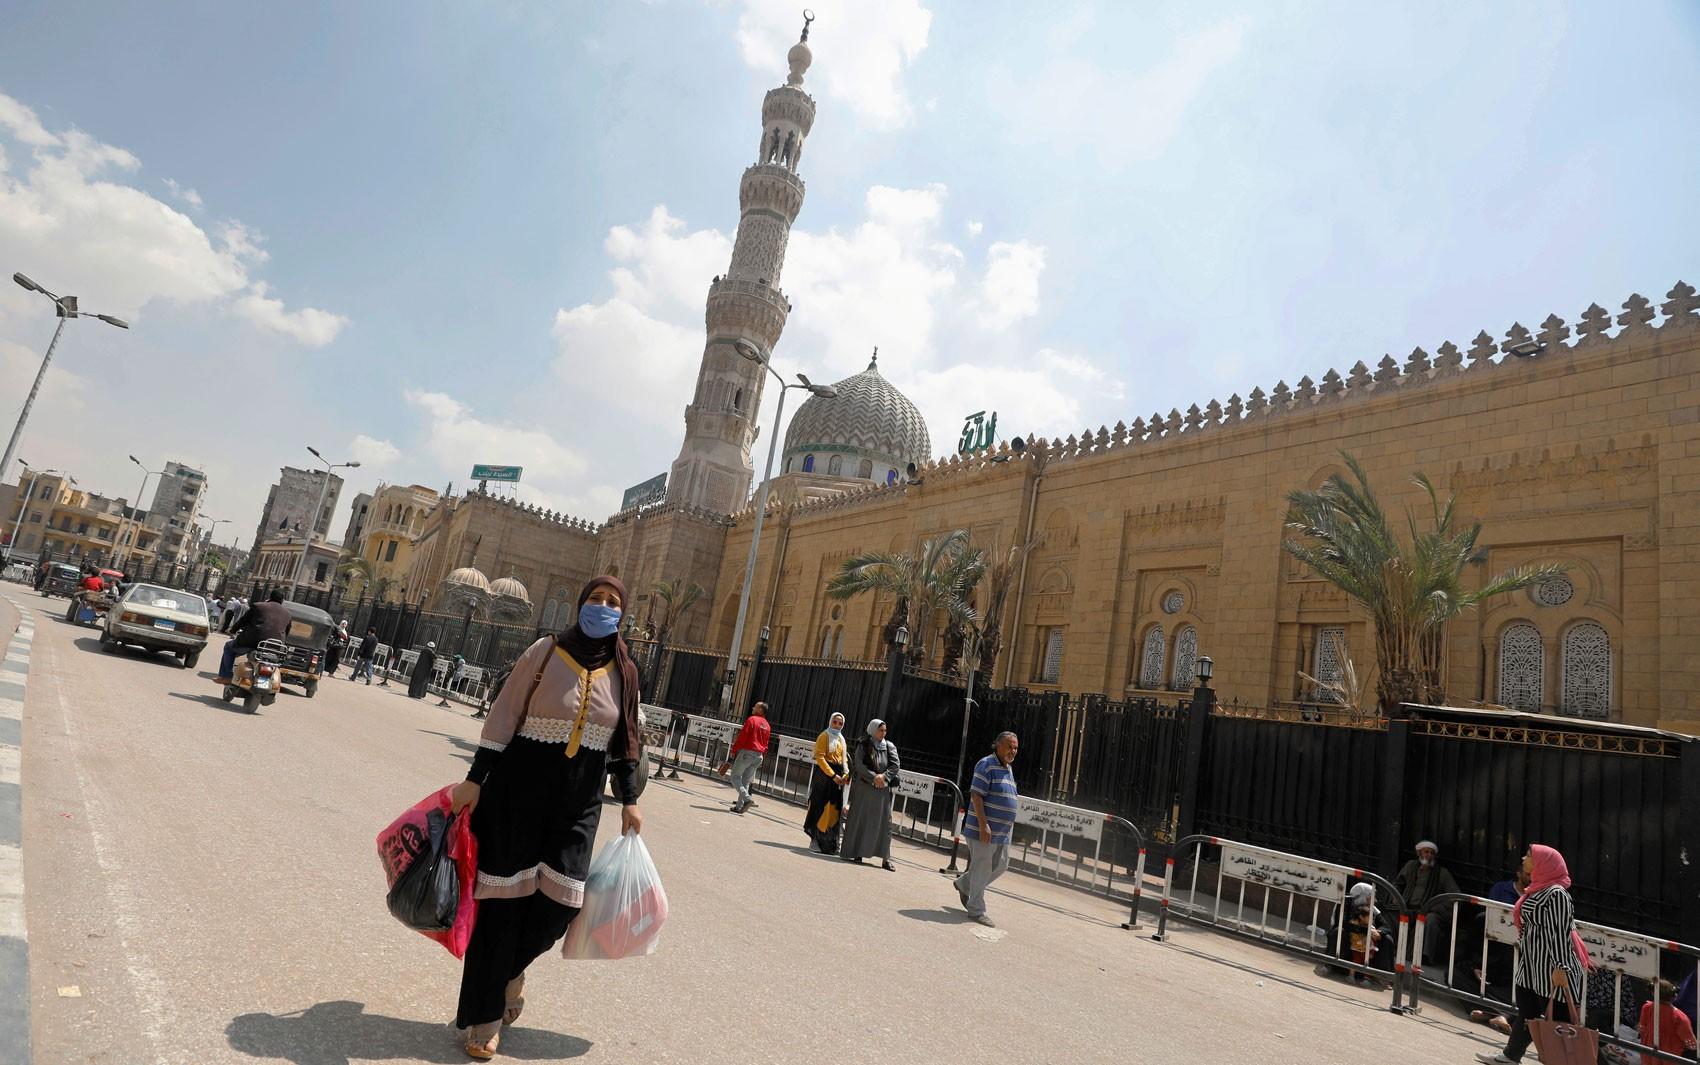 Confinados, milhares de muçulmanos enfrentam desafio de celebrar Ramadã em tempos de Covid-19